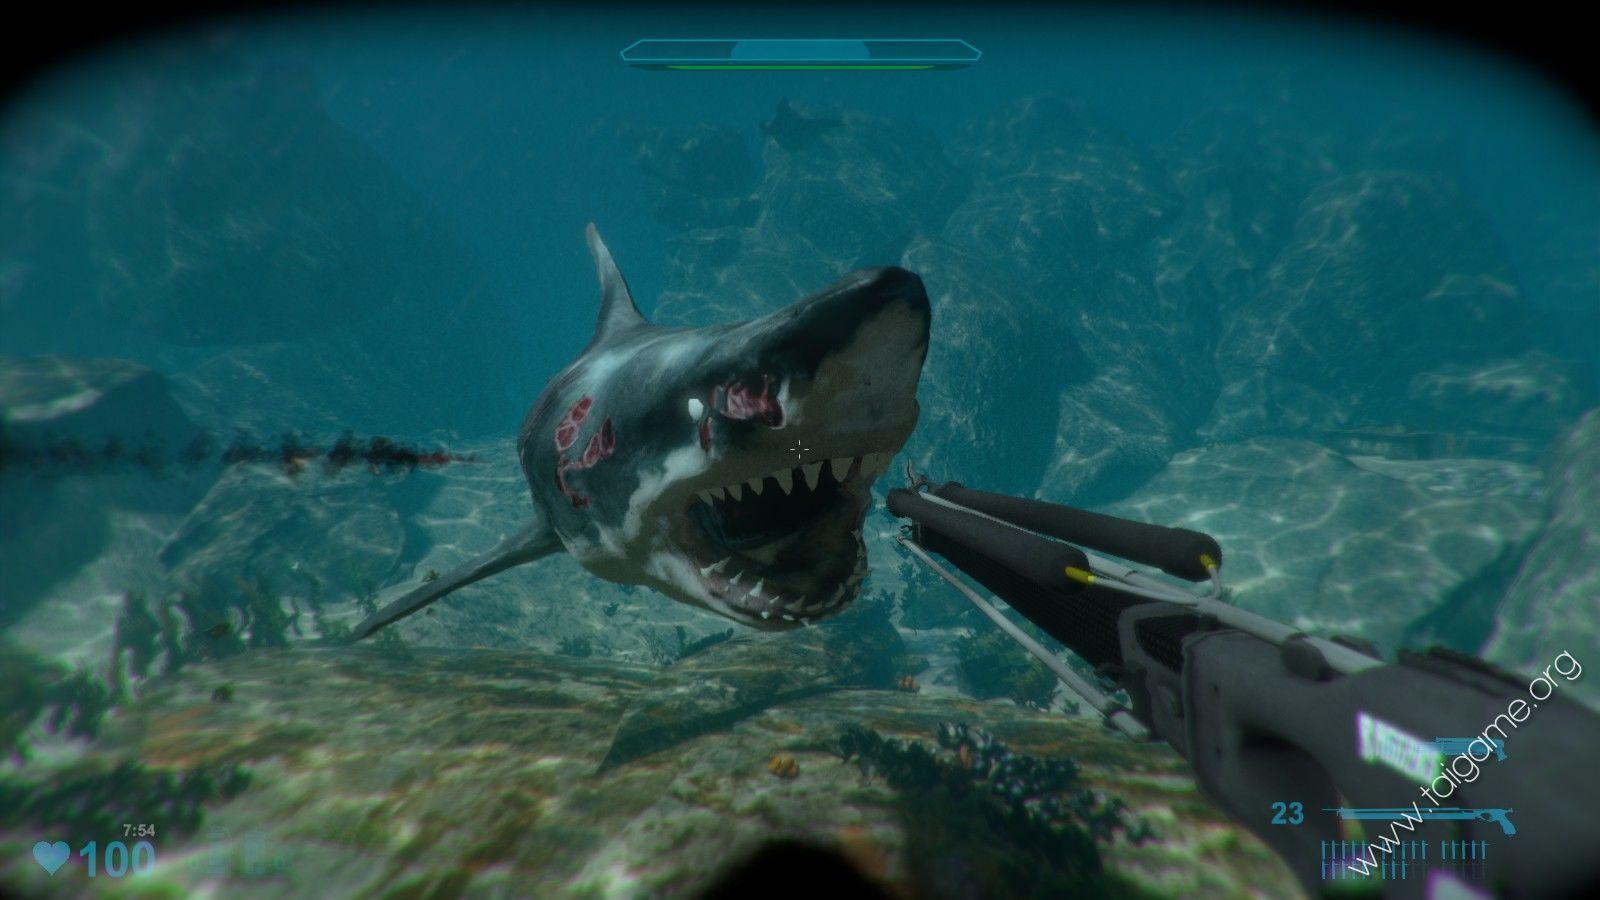 Shark Games - Free Online Shark Games